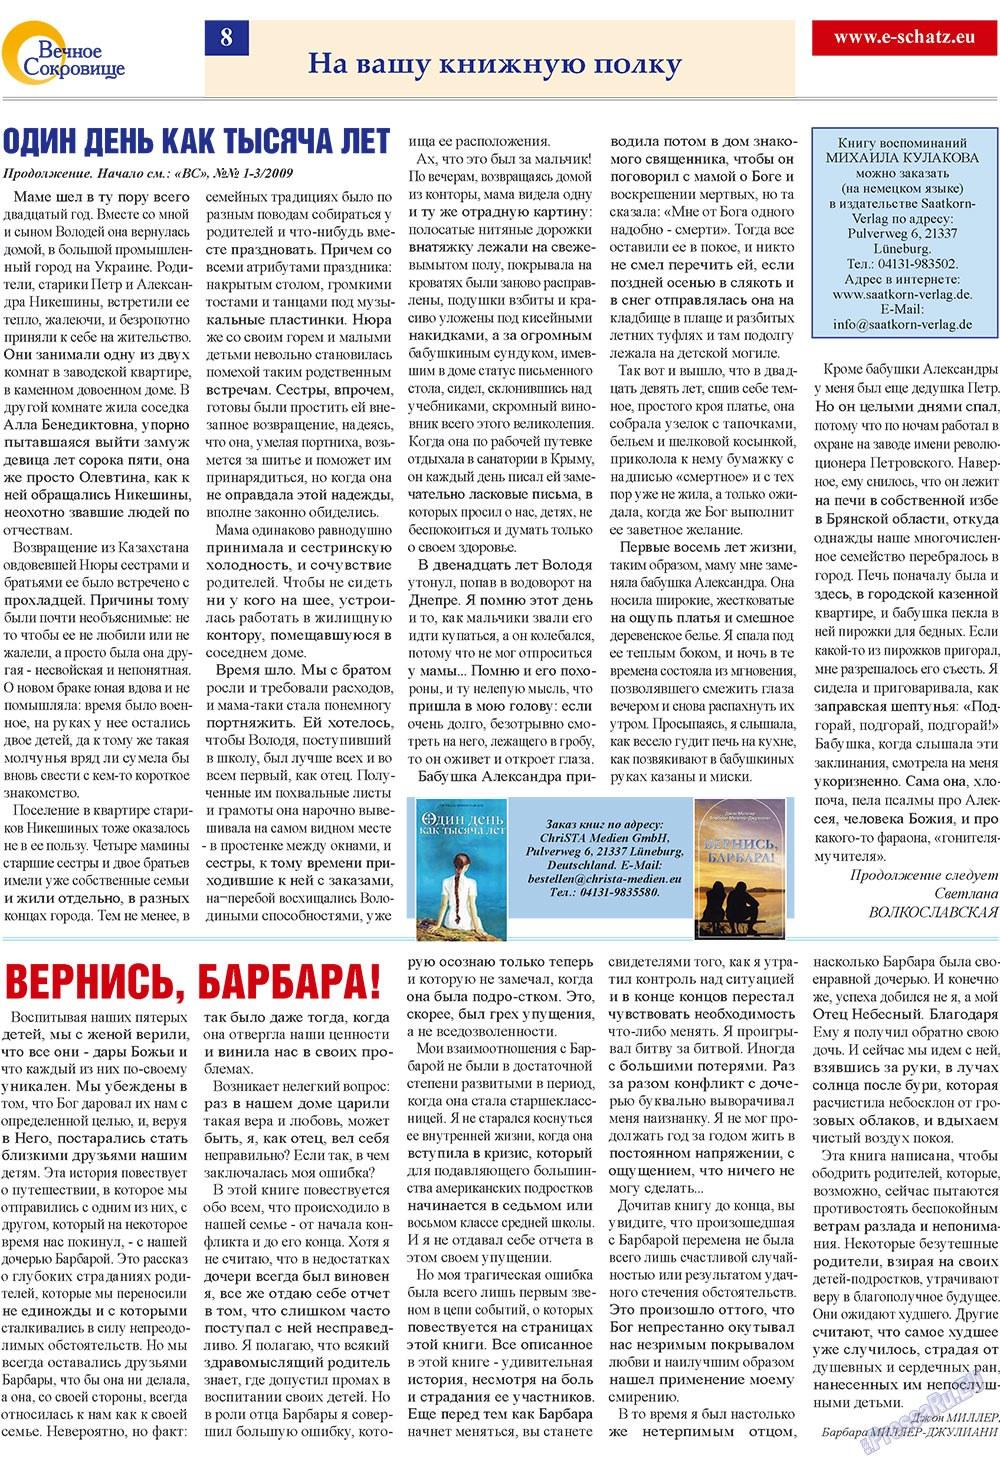 Вечное сокровище (газета). 2009 год, номер 4, стр. 8